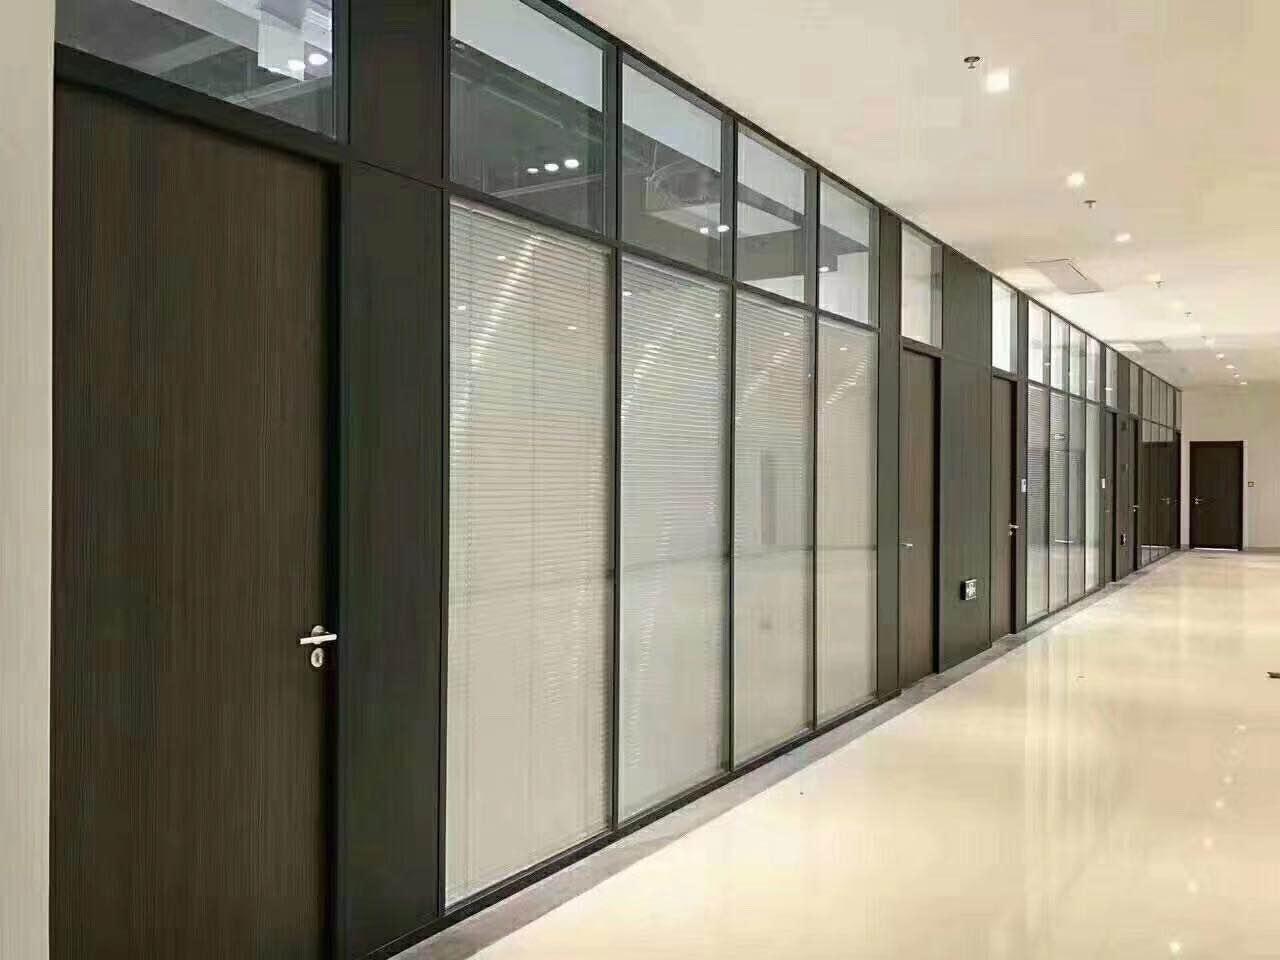 兰州玻璃隔断|甘肃玻璃隔断|兰州玻璃隔断安装-选择玻璃隔断